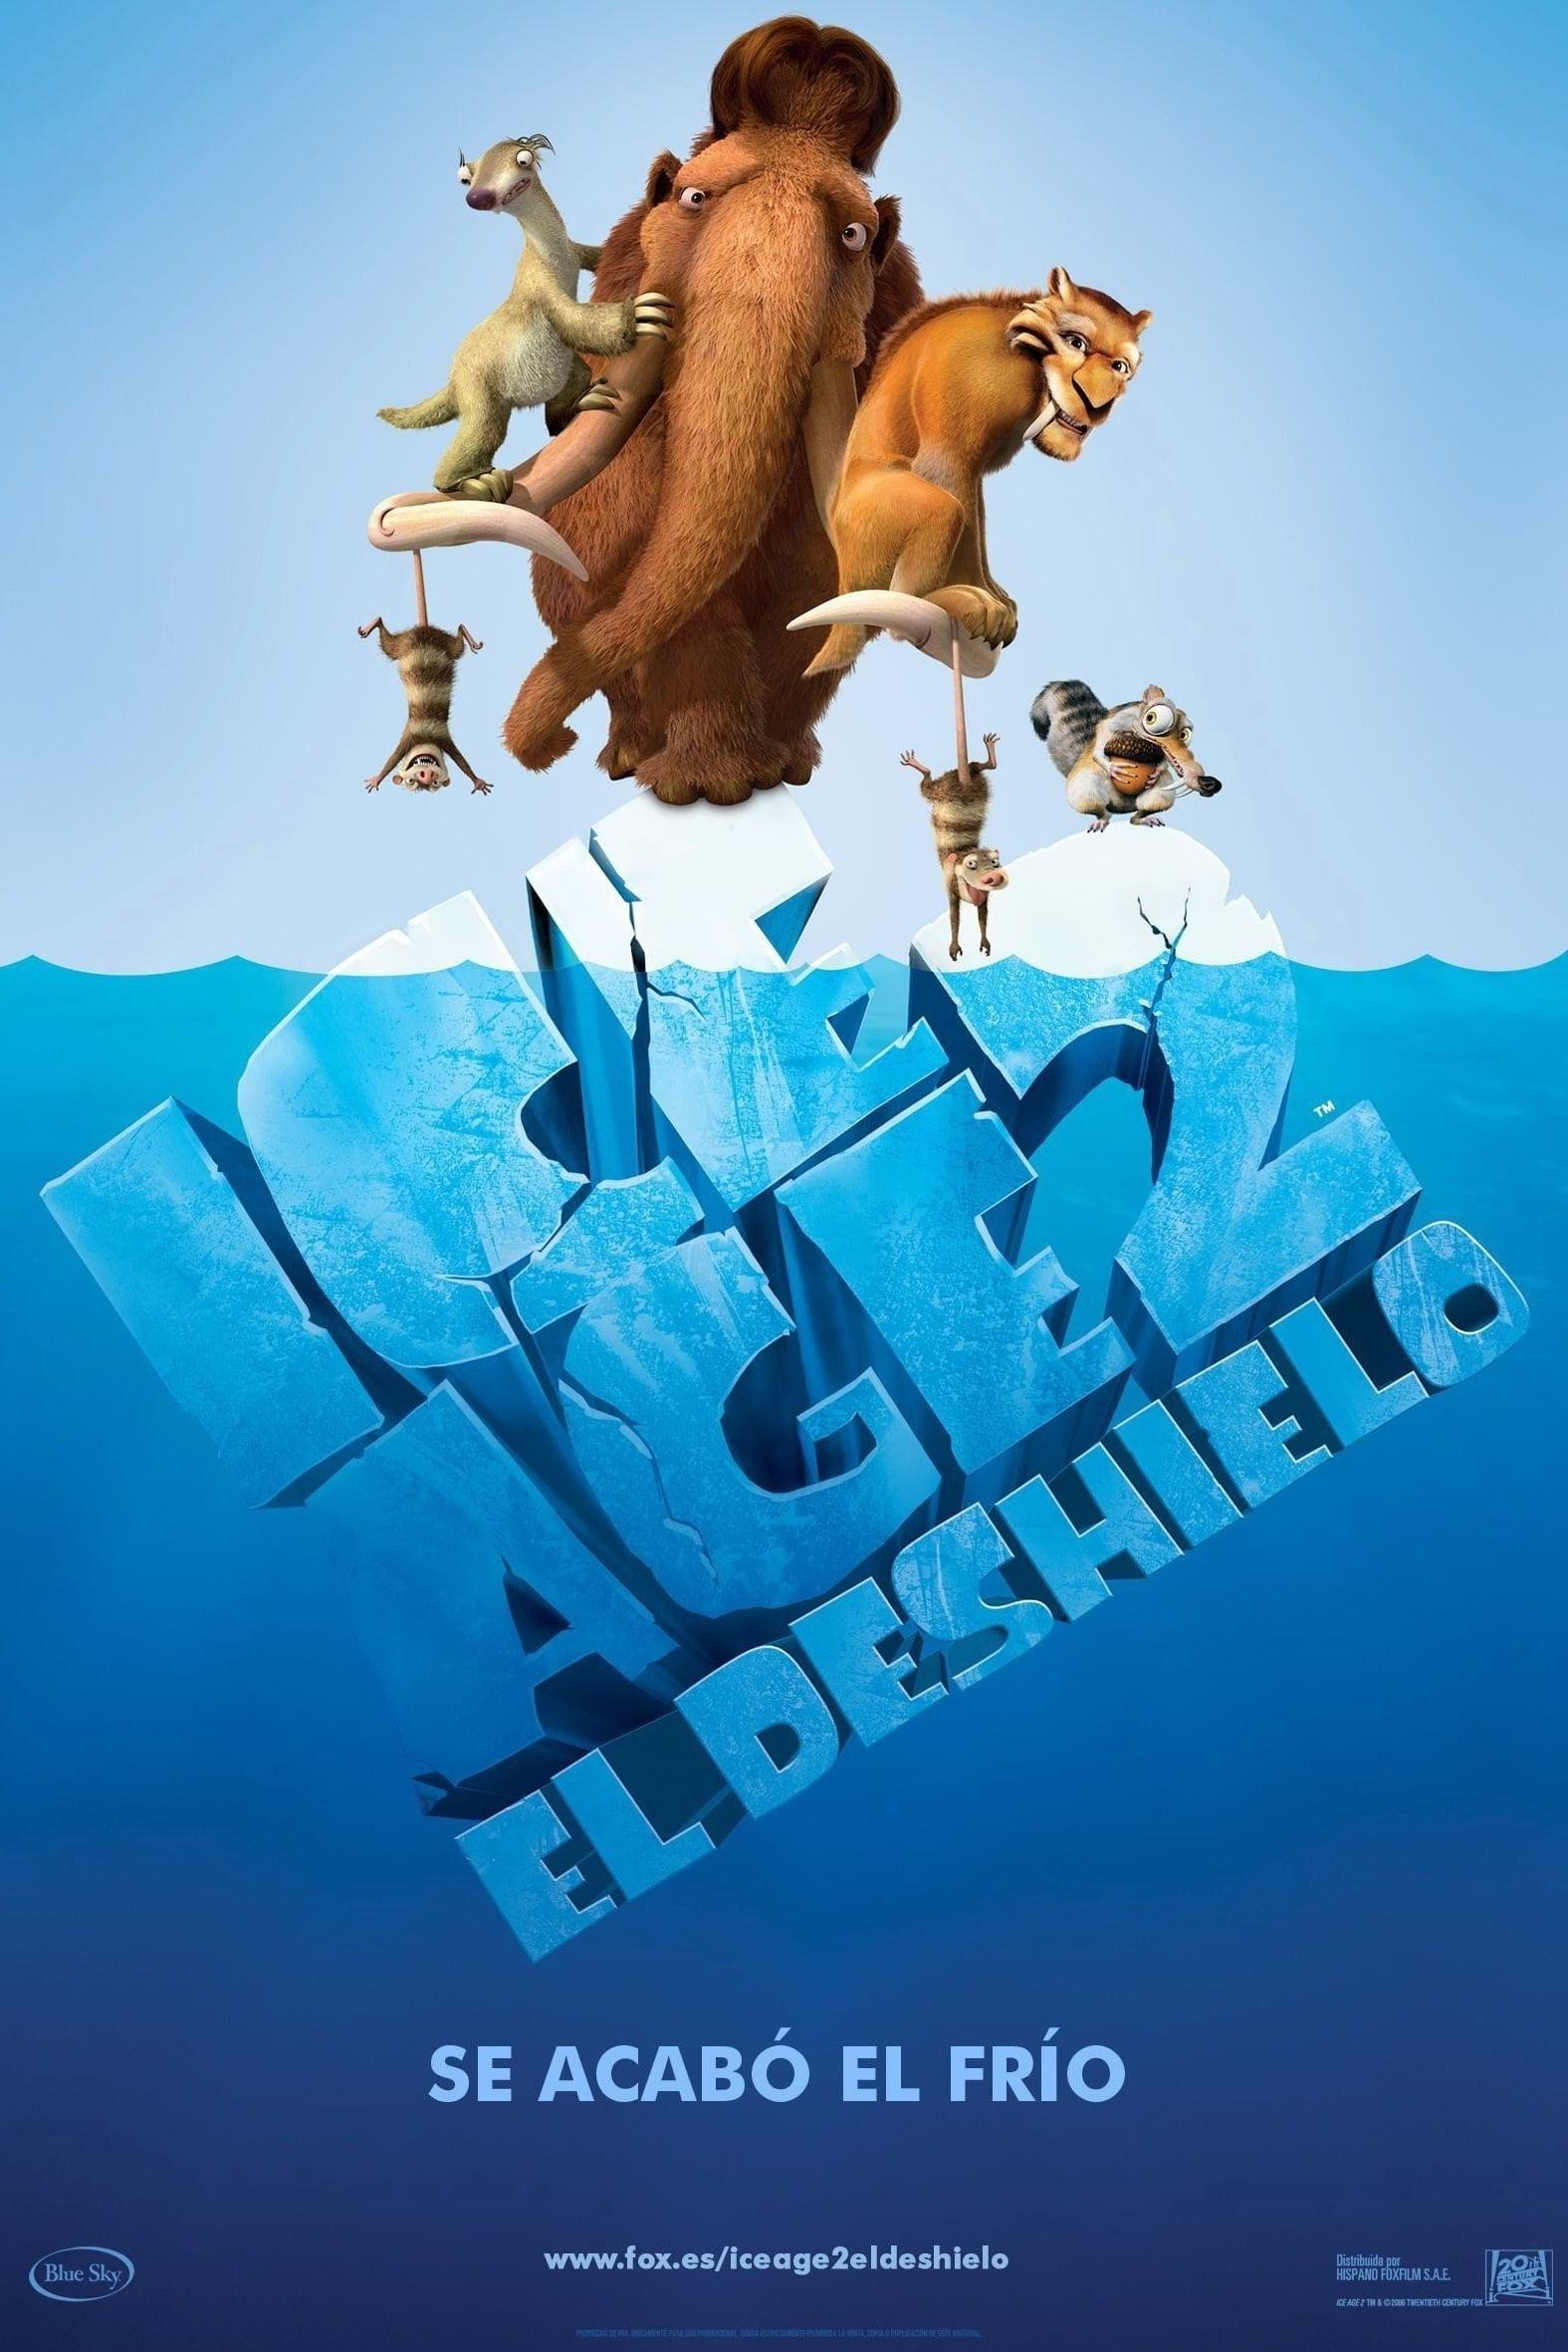 Imagen Ice Age 2: El deshielo